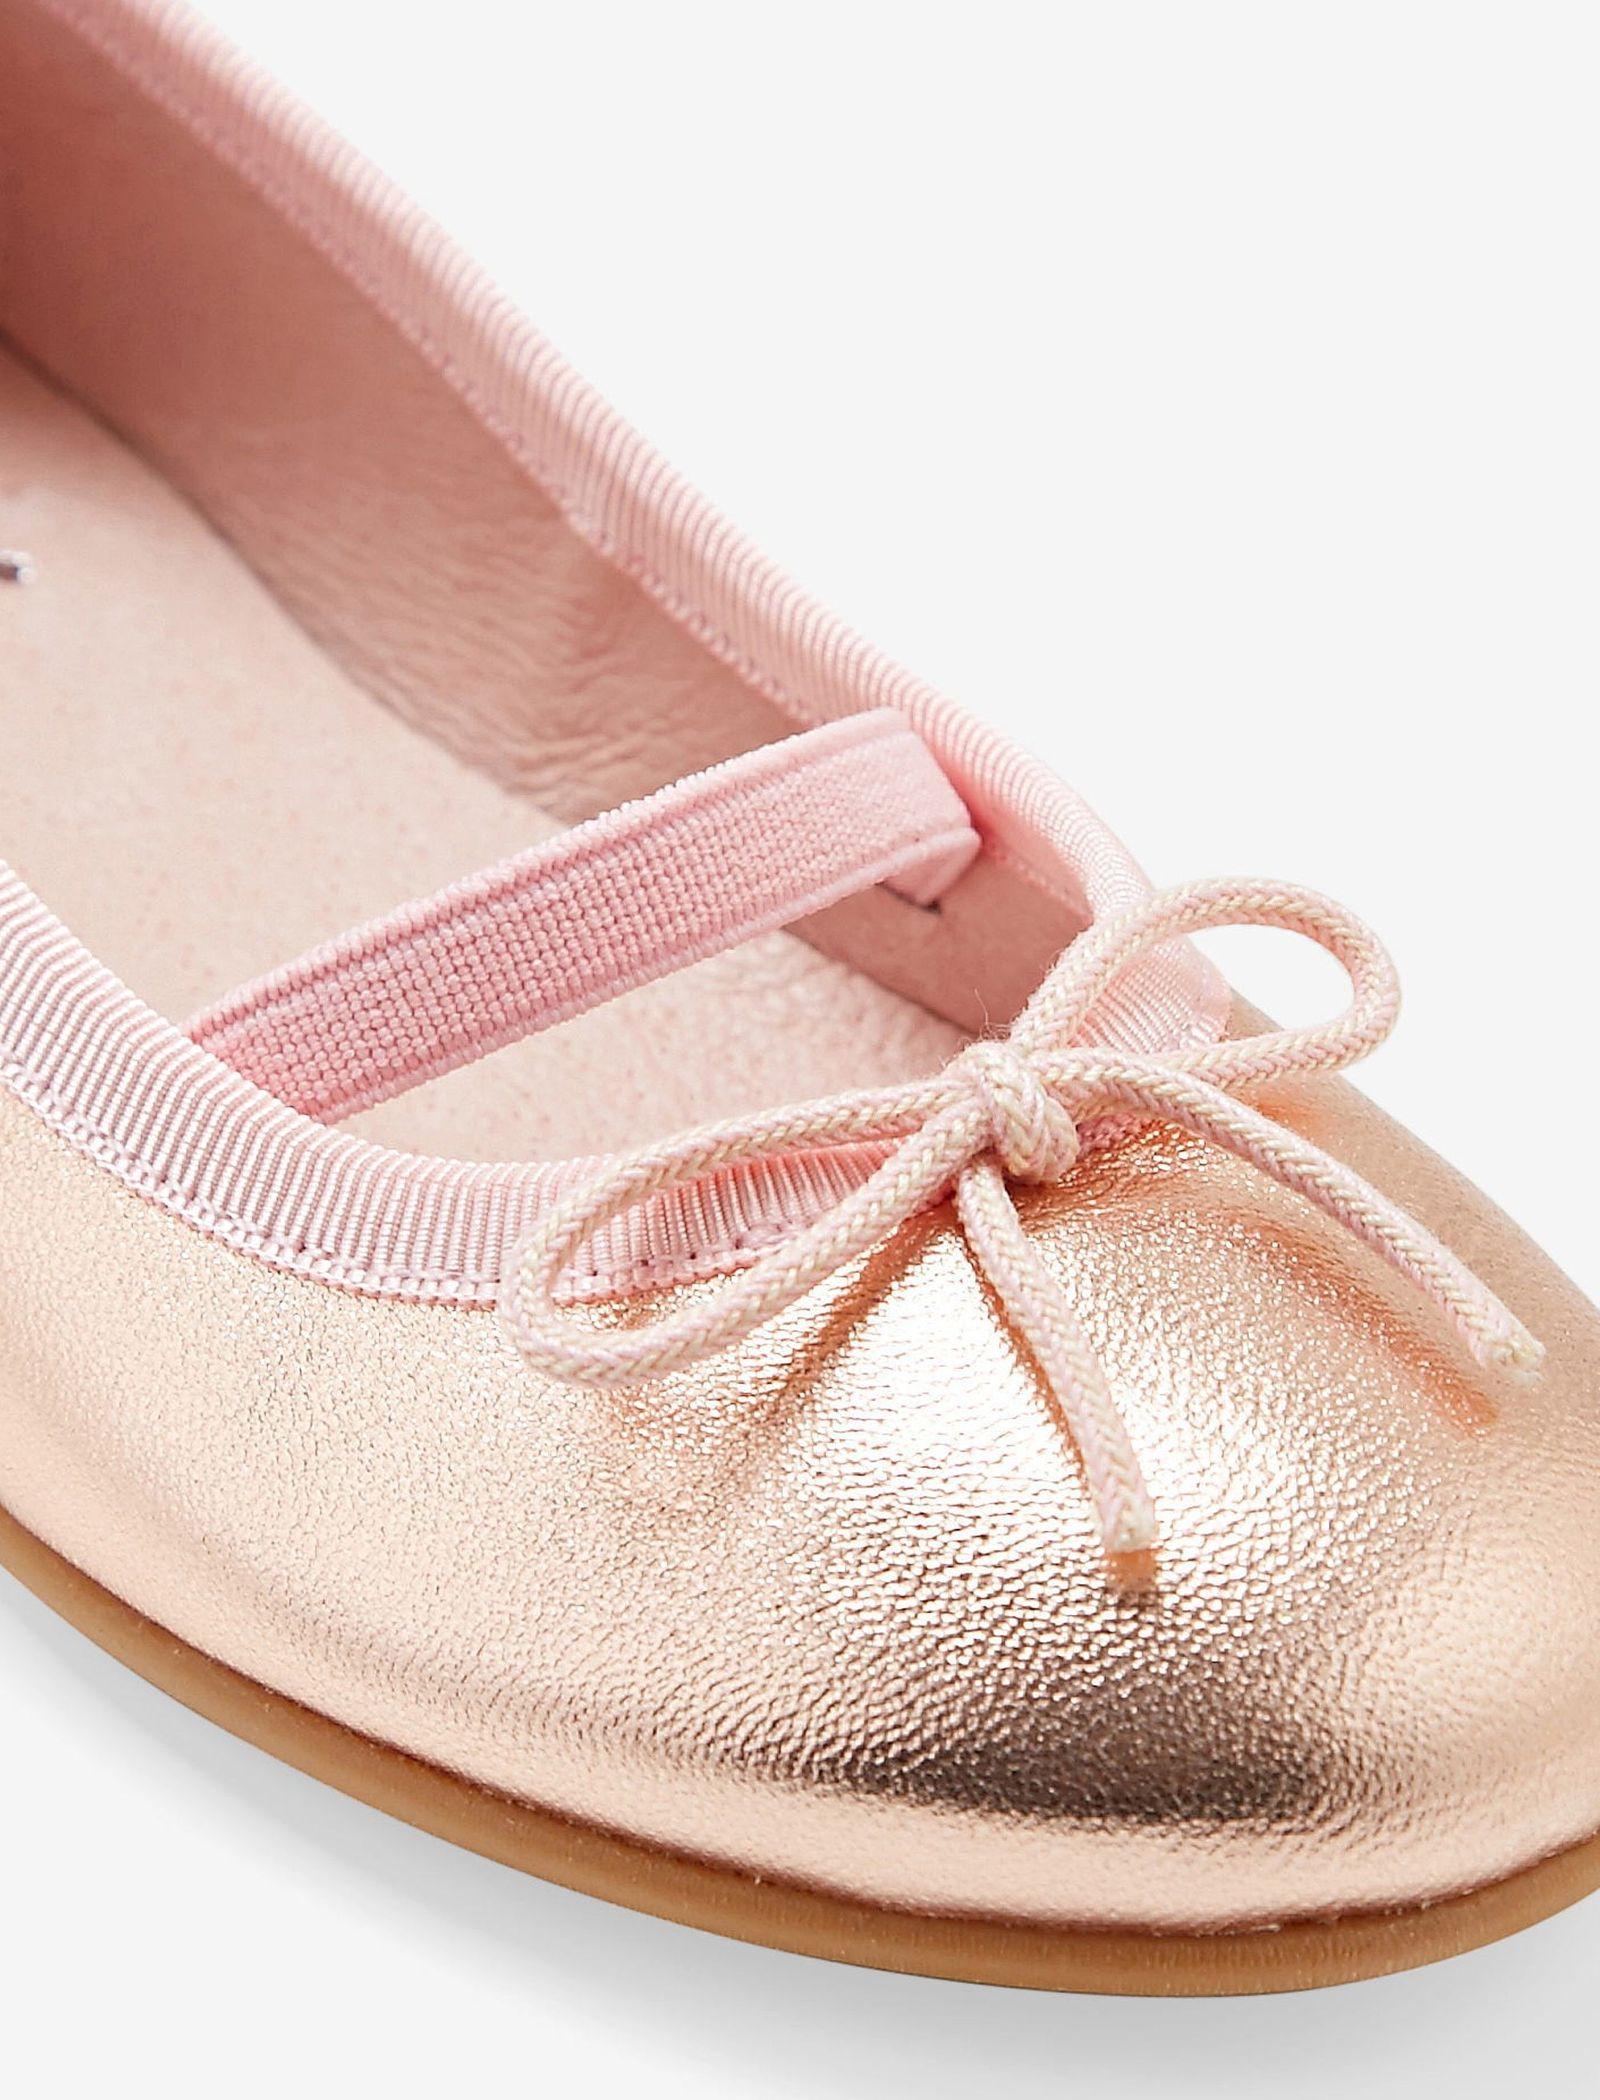 کفش تخت چرم عروسکی دخترانه Dittle Irisee - جاکادی - رزگلد - 5